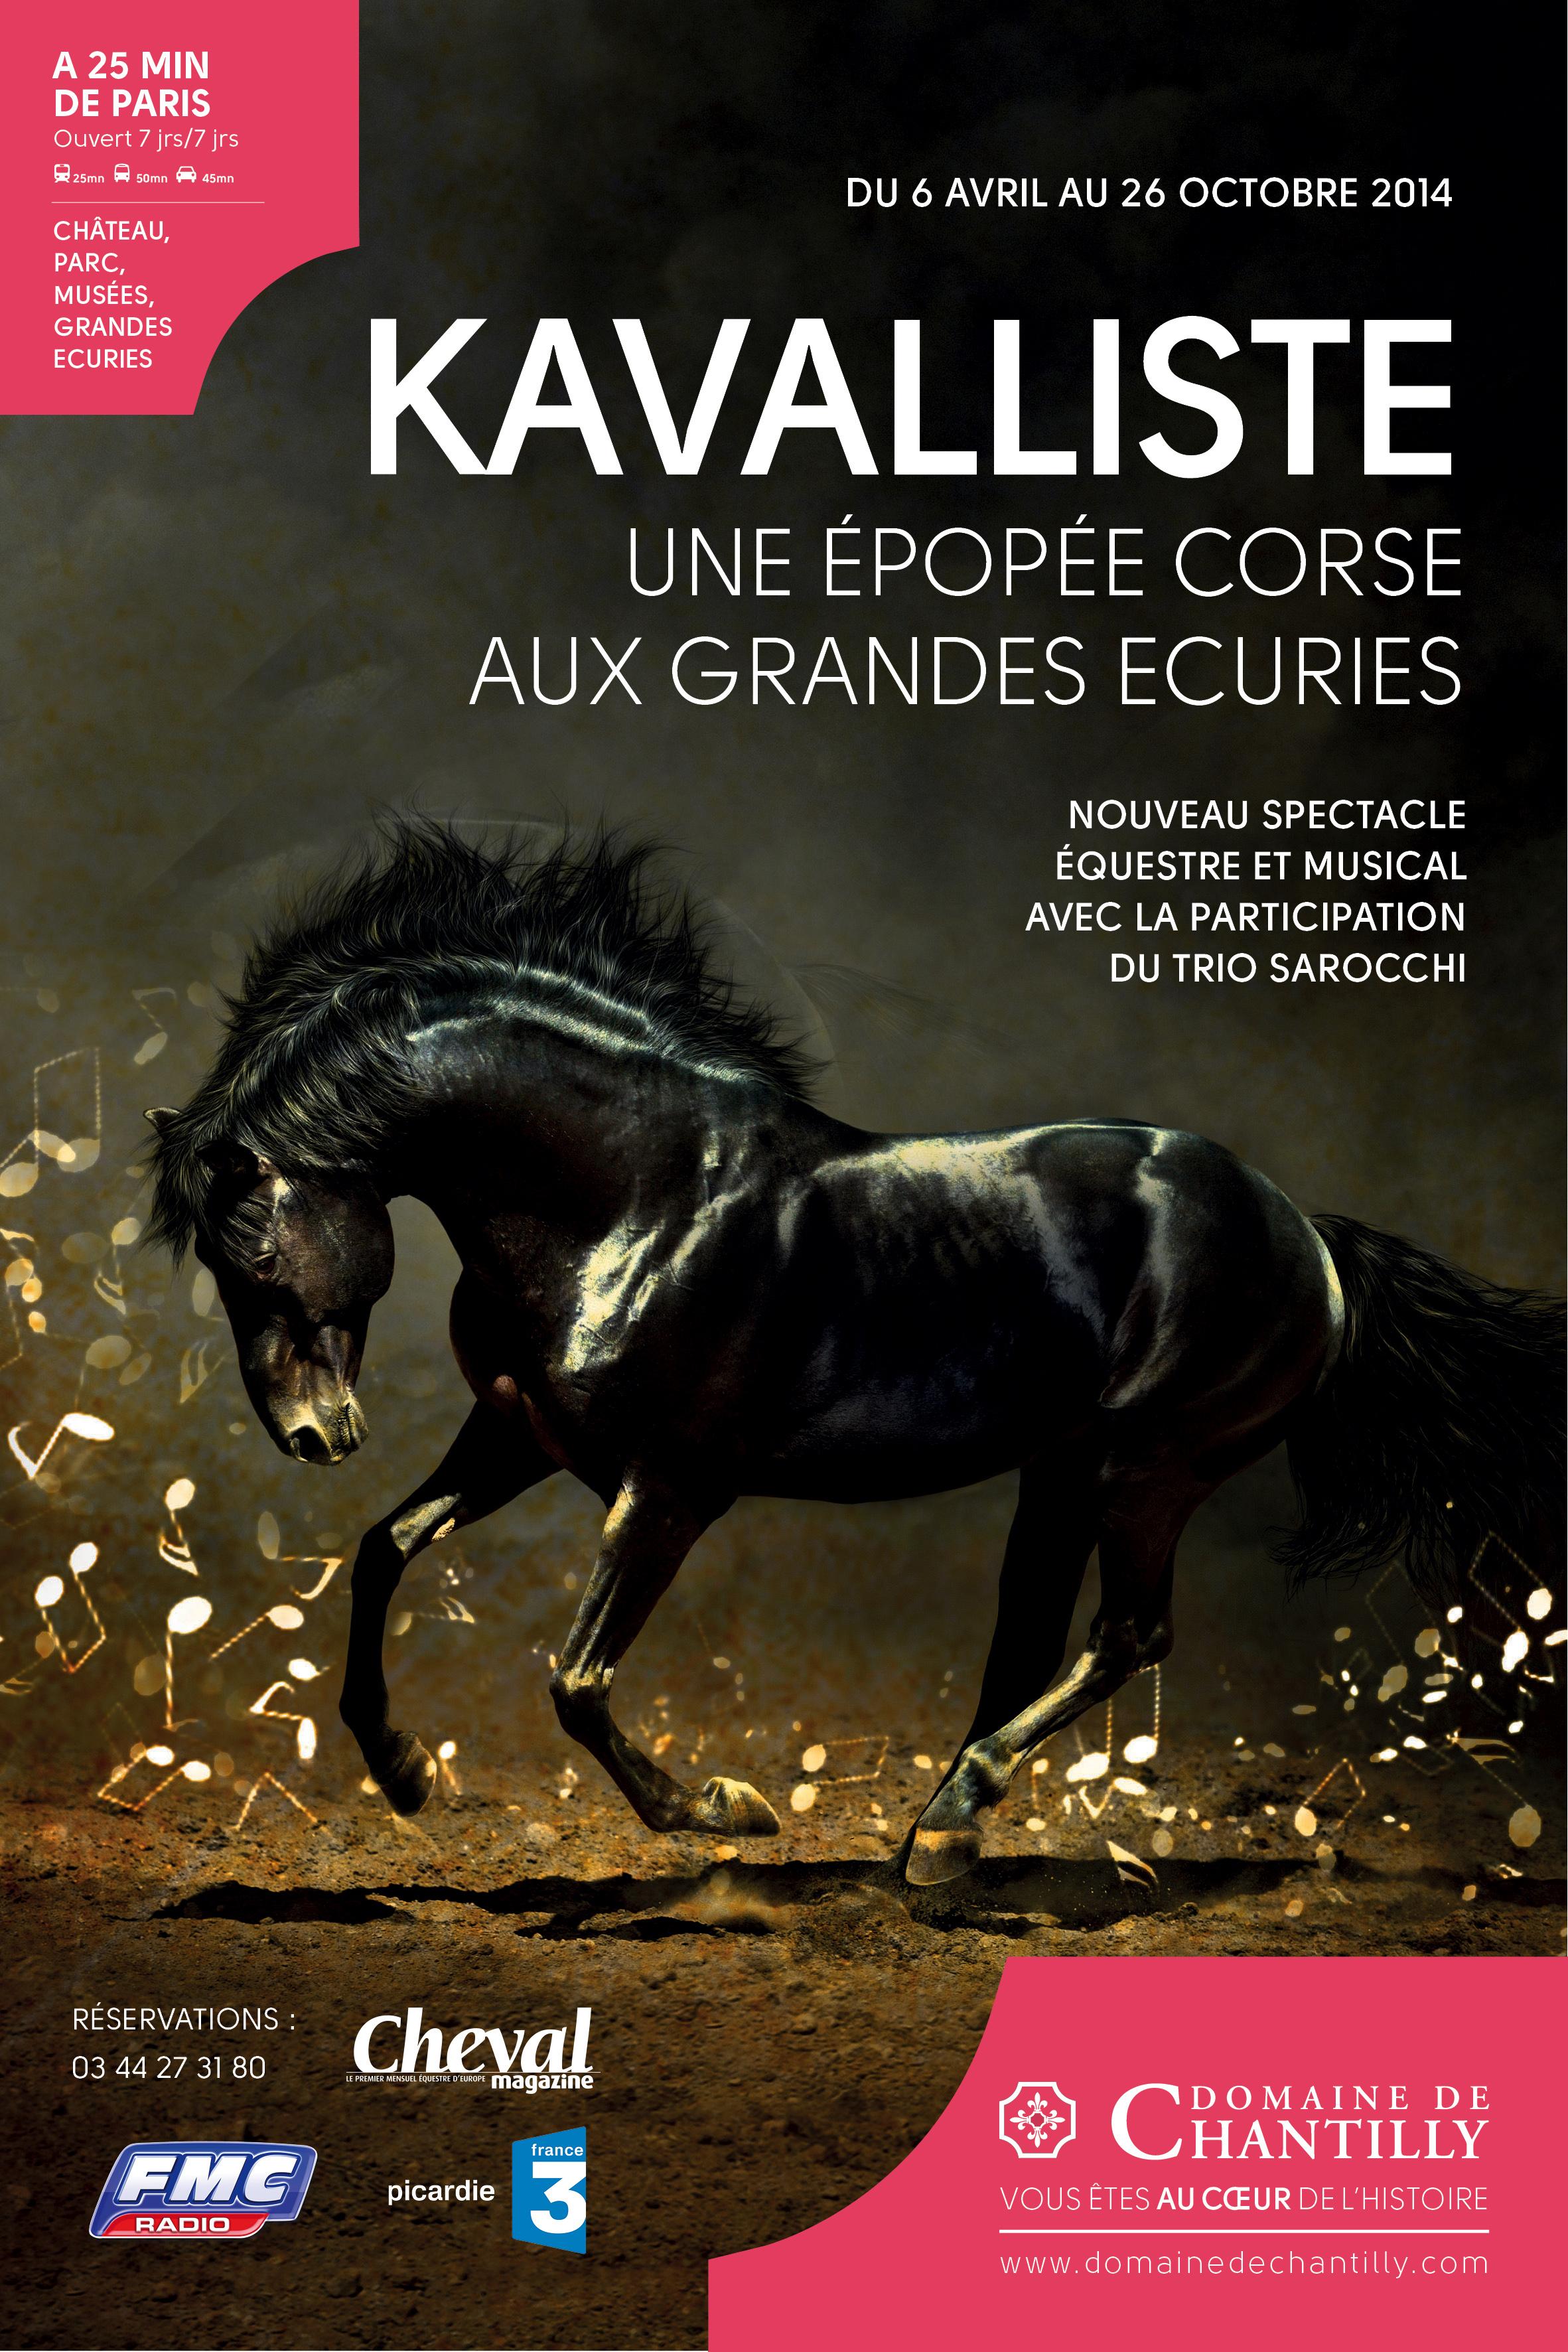 """""""Kavalliste"""": Rencontre de l'art équestre et de l'art polyphonique corse sous le dôme des Grandes Écuries"""